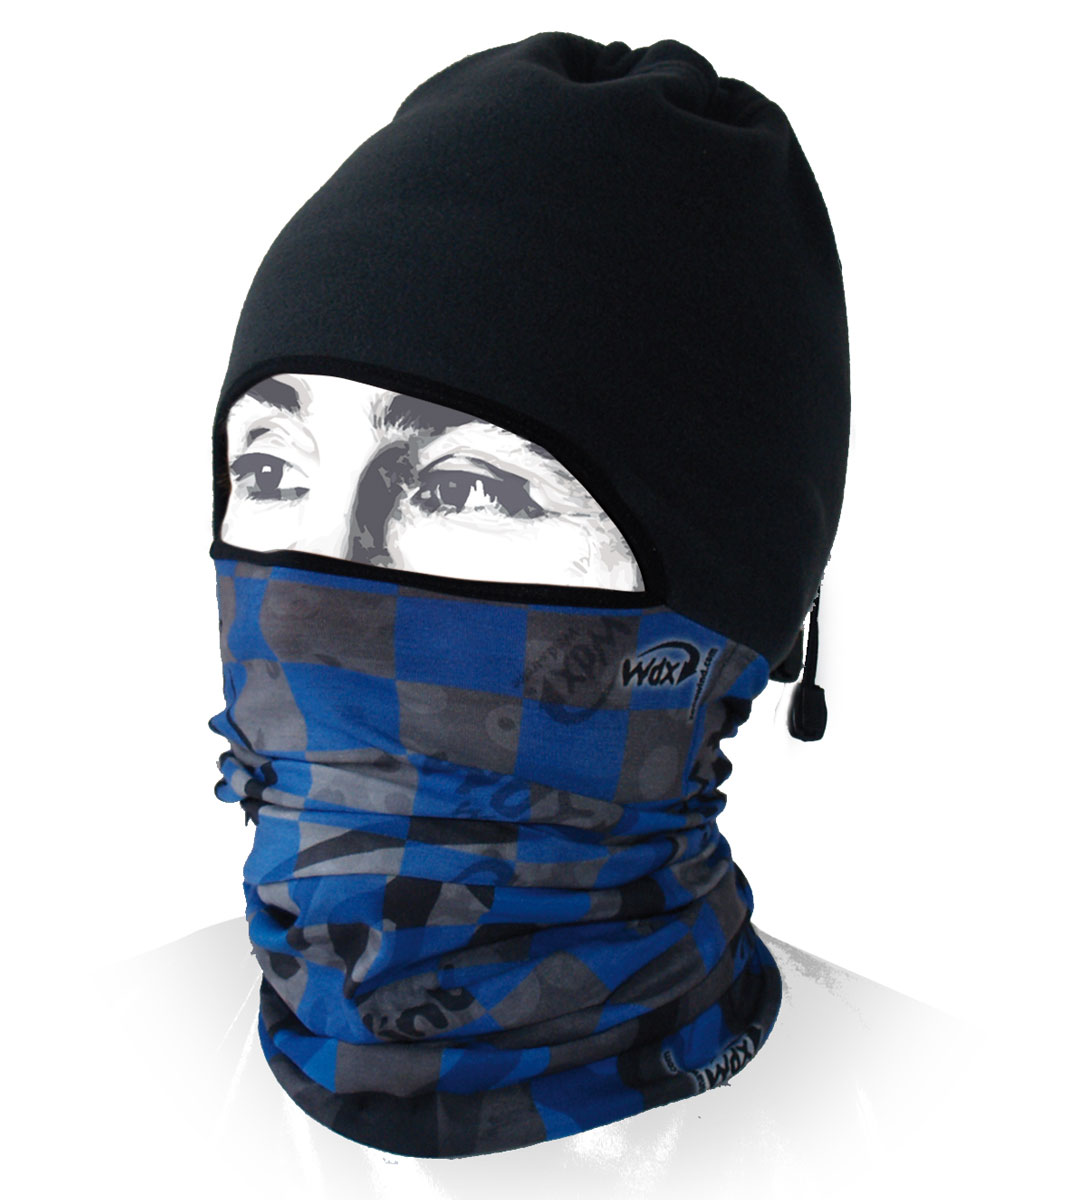 Бандана многофункциональная WdX ArcticWind, цвет: Meta (12054)25380767Многофункциональный головной убор WdX ArcticWind - это очень современный предмет одежды, защитит вас от самого лютого мороза благодаря комбинации флиса и микрофибры. Его можно использовать как: шапку, бандану, маску, шарф, повязку, платок. Подходит для занятий бегом, походов, скалолазания, езды на велосипеде, сноуборда, катания на лыжах, мотоциклах, игры в хоккей, а так же для повседневного использования.Сочетание ткани и шапочки из флиса Pilhot гарантируют дополнительные тепло и комфорт, отведение влаги, быстрое высыхание, очень эластичны, принимают практически любую форму. Обладает антибактериальным эффектом.